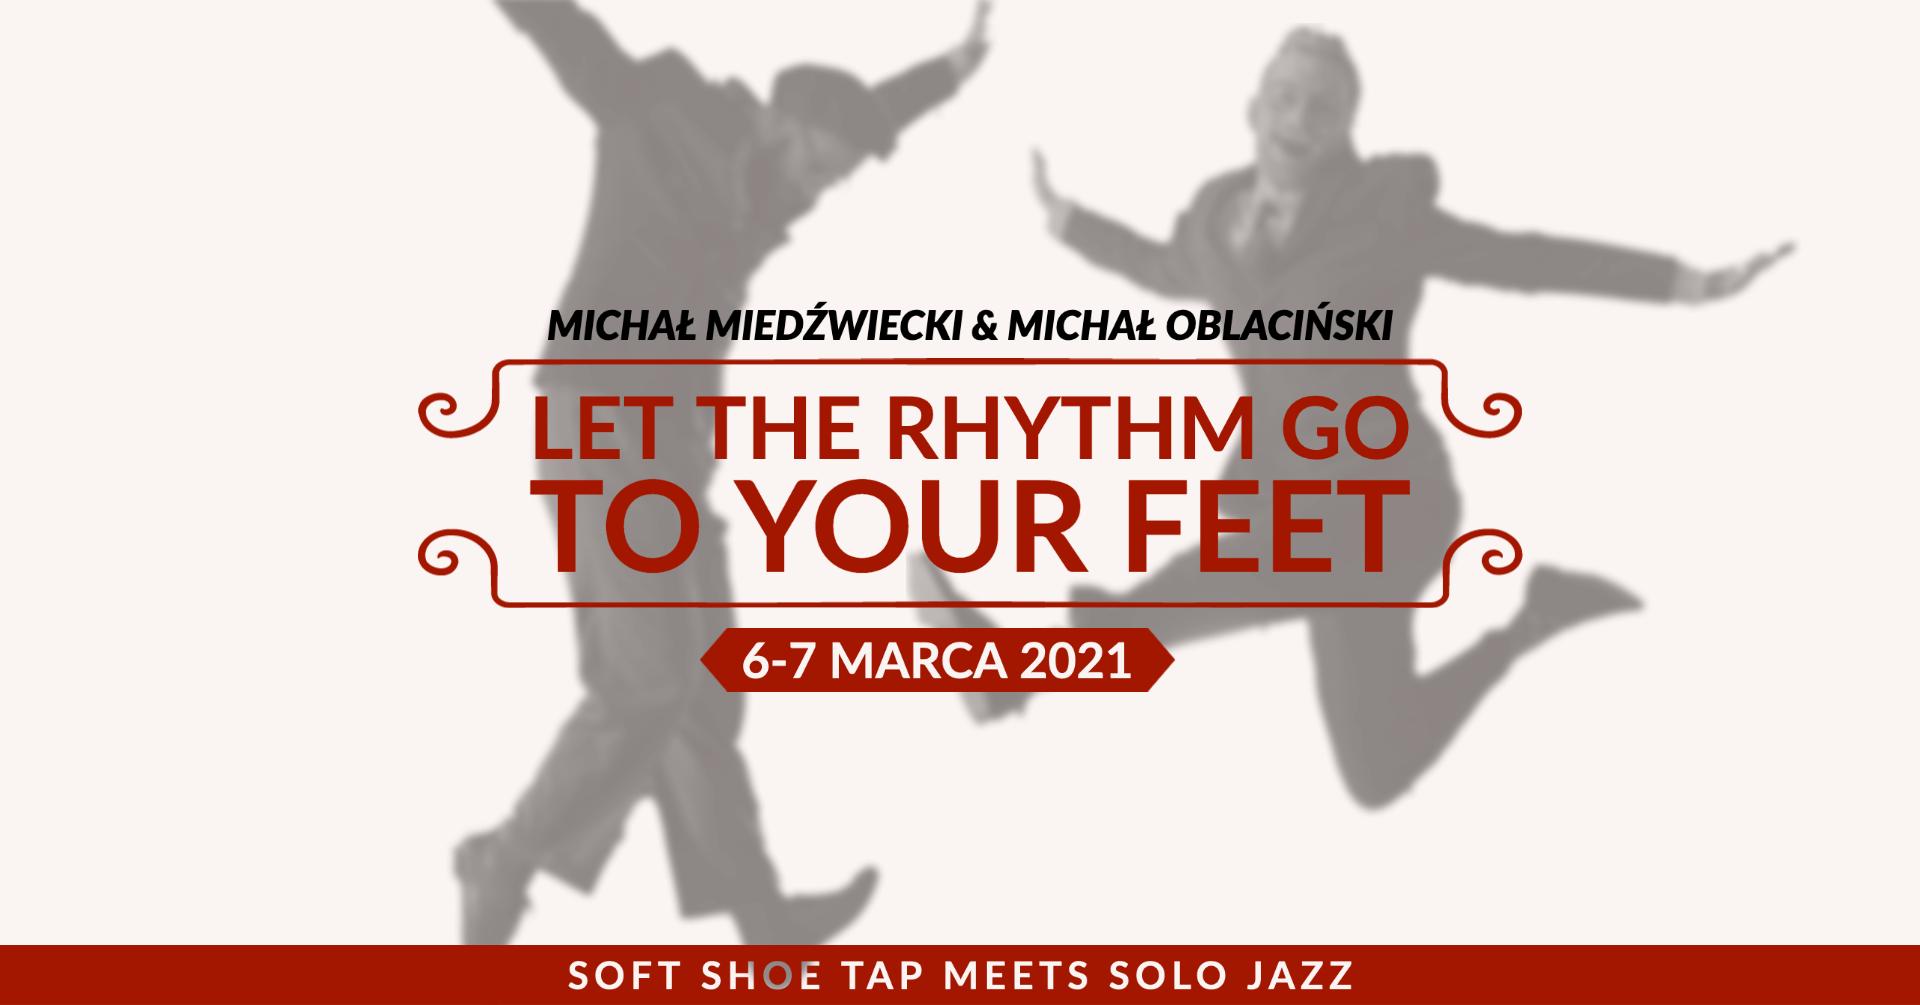 Warsztaty Soft Shoe Tap i Solo Jazz